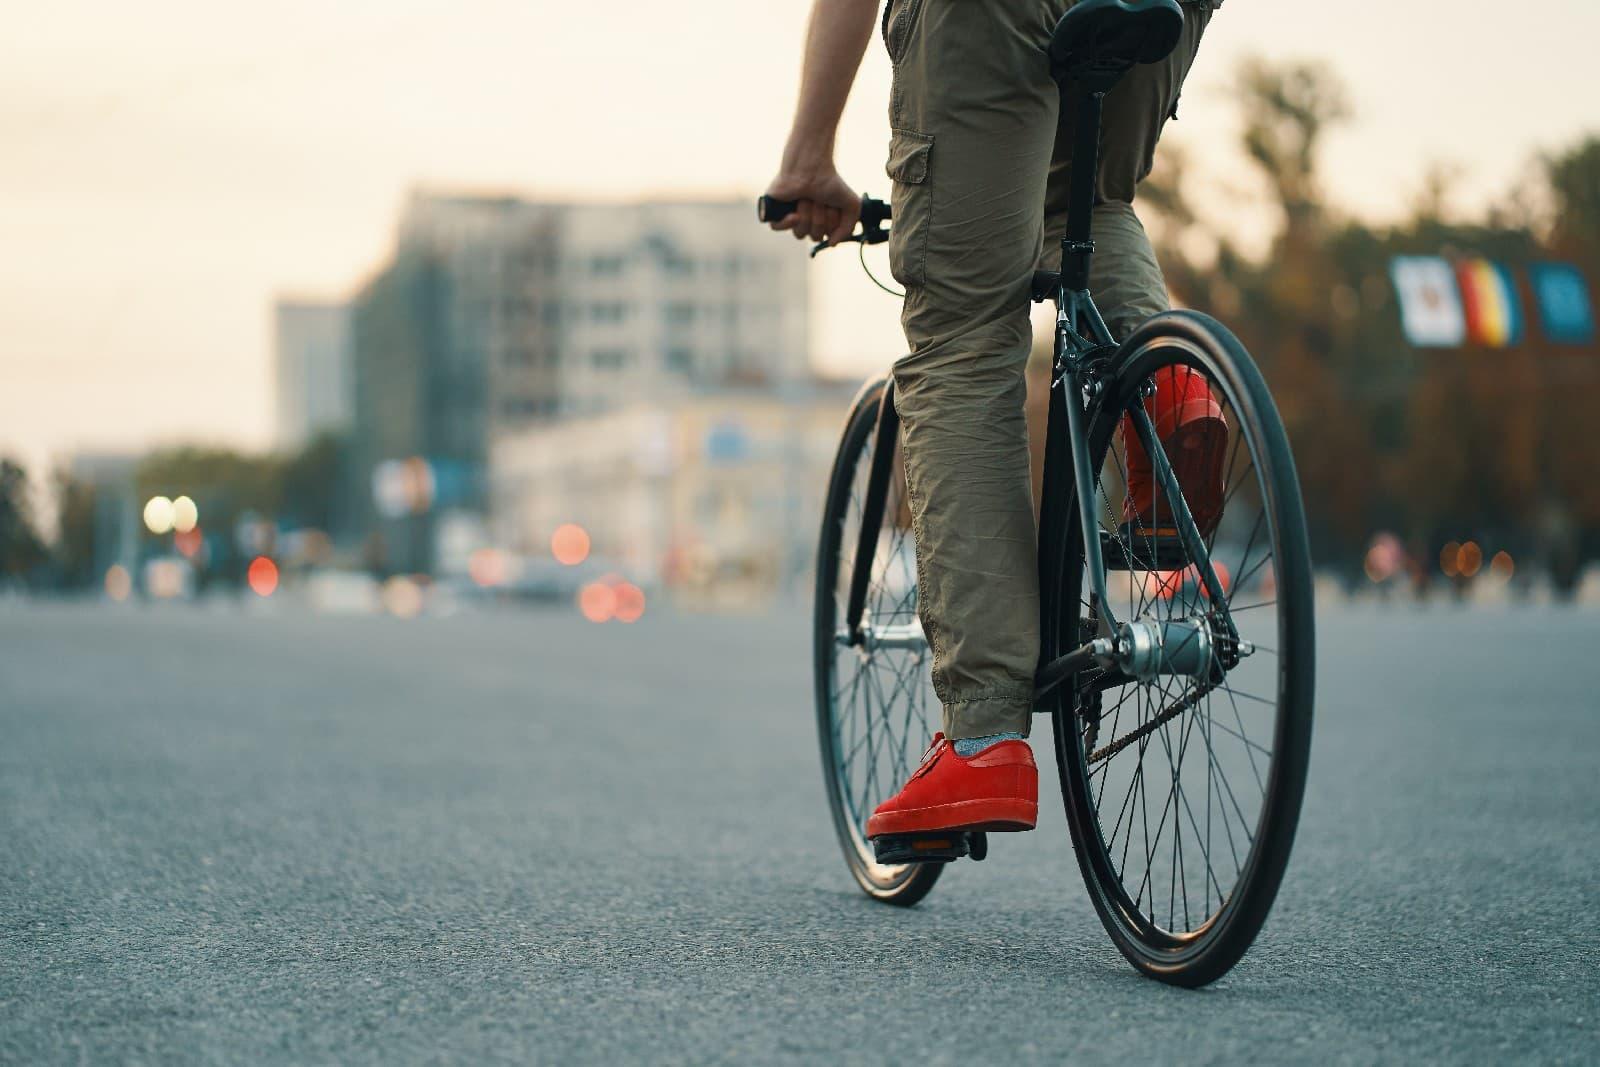 21 maja Dniem Dojazdu Rowerem Do Pracy: Polacy kochają jazdę na rowerze